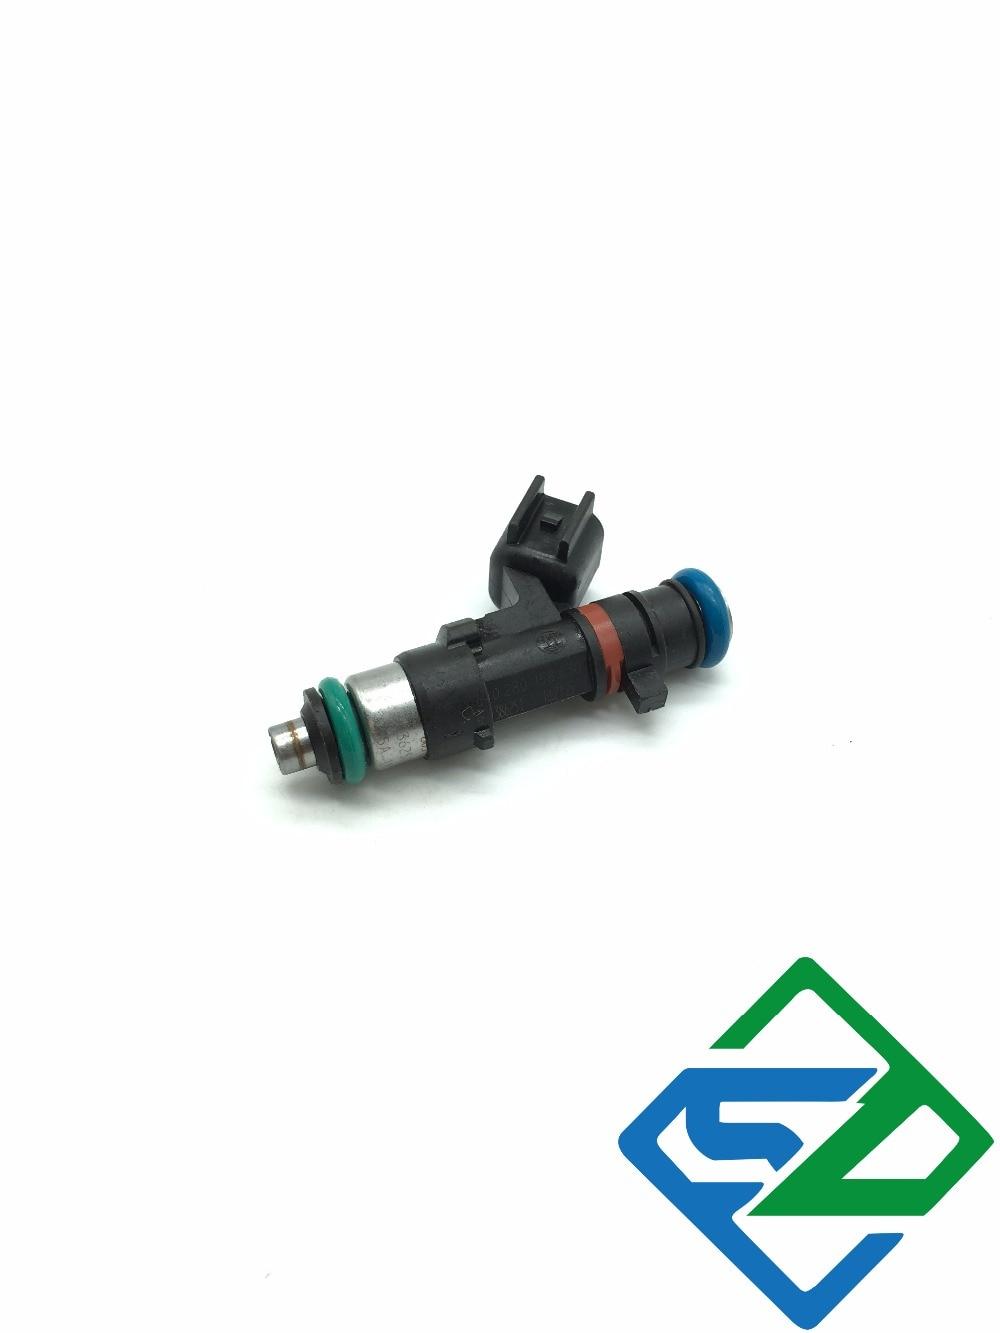 Fuel Injector Nozzle For 2004 CHRYSLER DODGE INTREPID CONCORDE 2.7 V6 SET OEM:0280158030 0 280 158 030